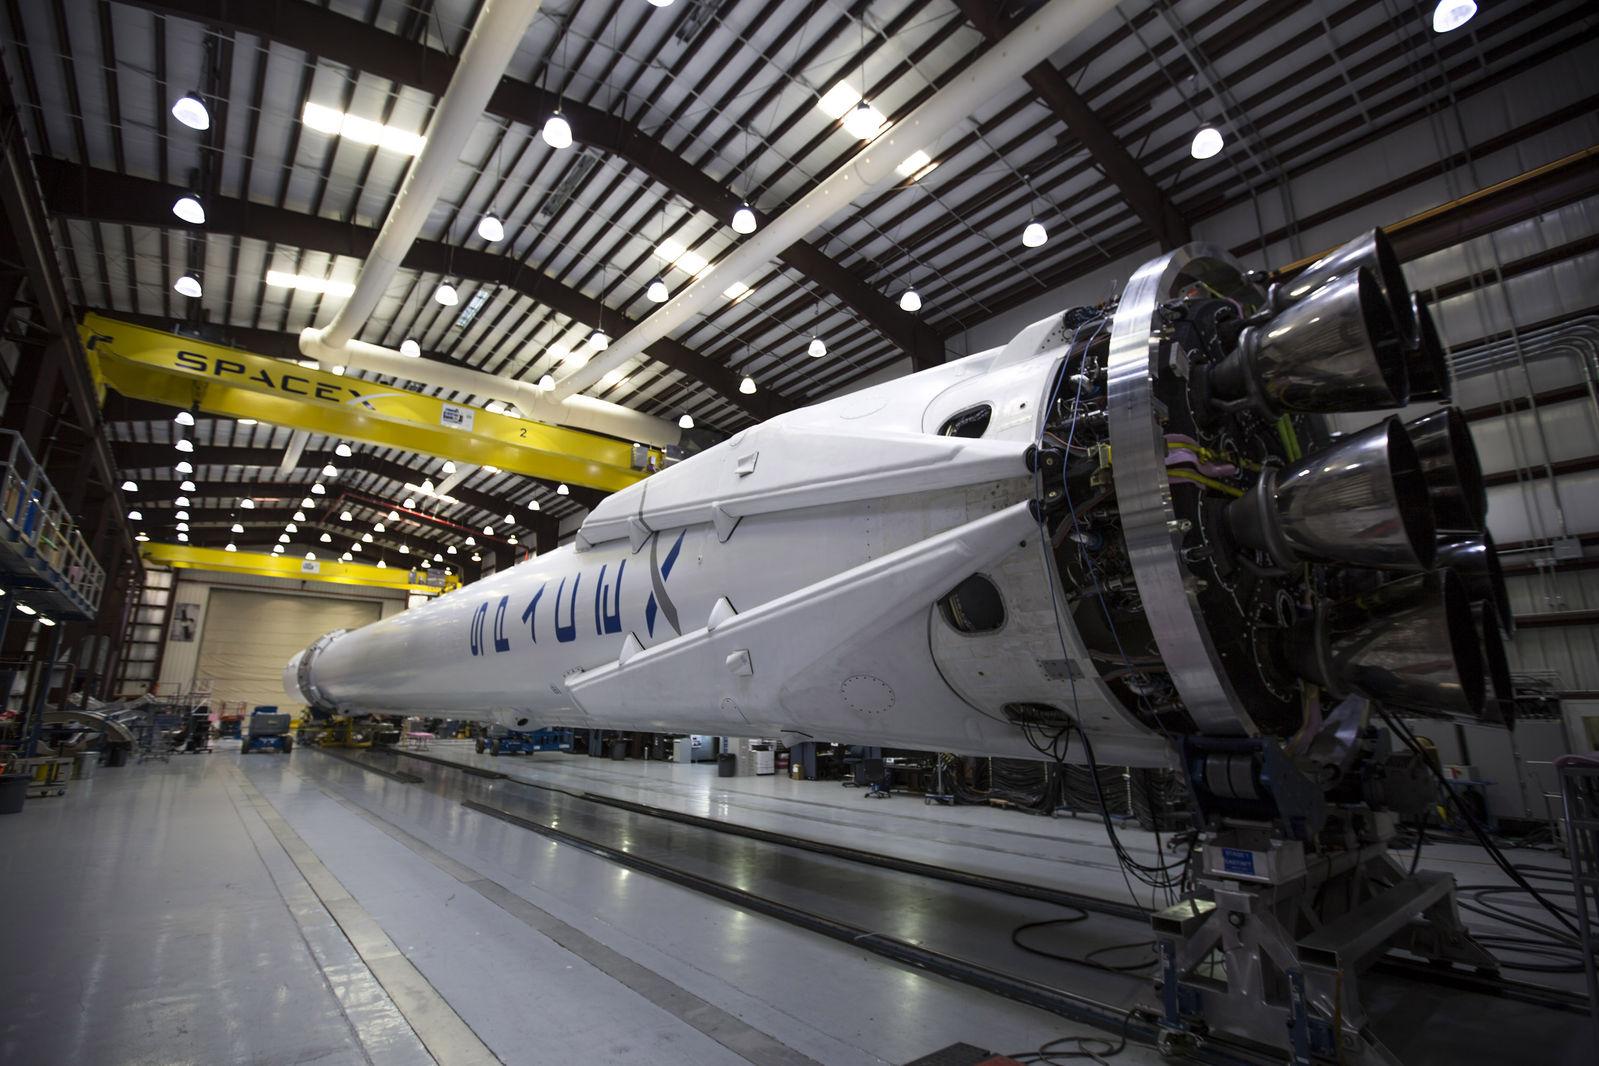 hangar spacex falcon 9 - photo #8